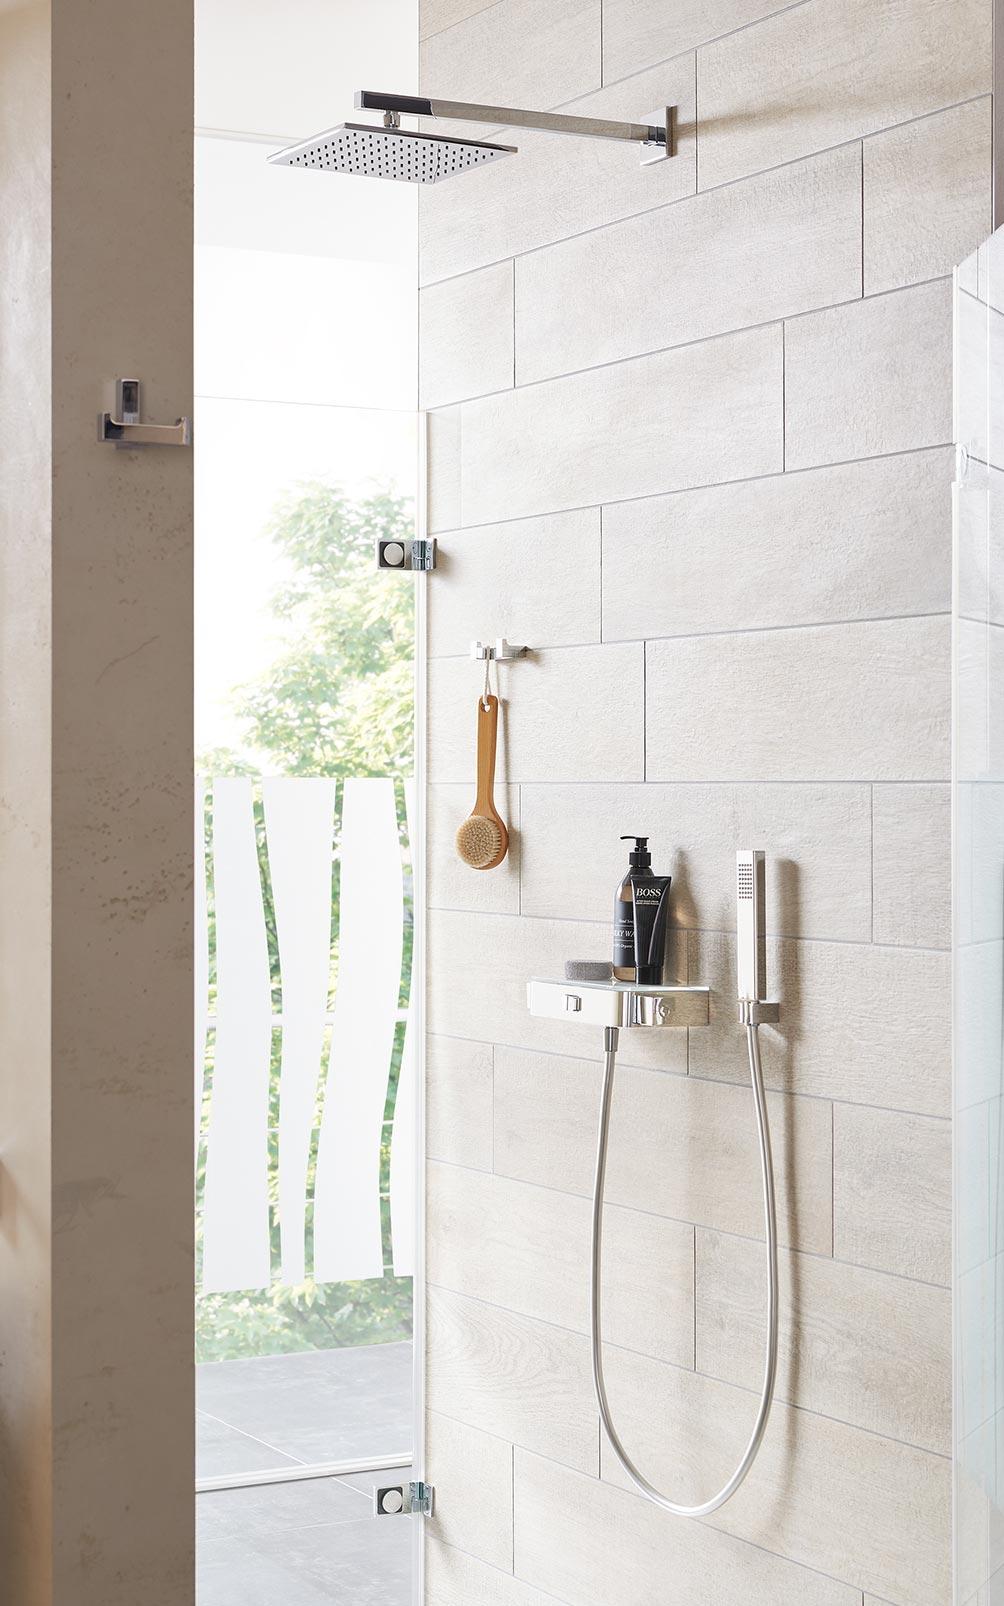 Full Size of Duschen Auf Knopfdruck La Hsk Sprinz Moderne Breuer Schulte Werksverkauf Begehbare Bodengleiche Hüppe Kaufen Dusche Hsk Duschen